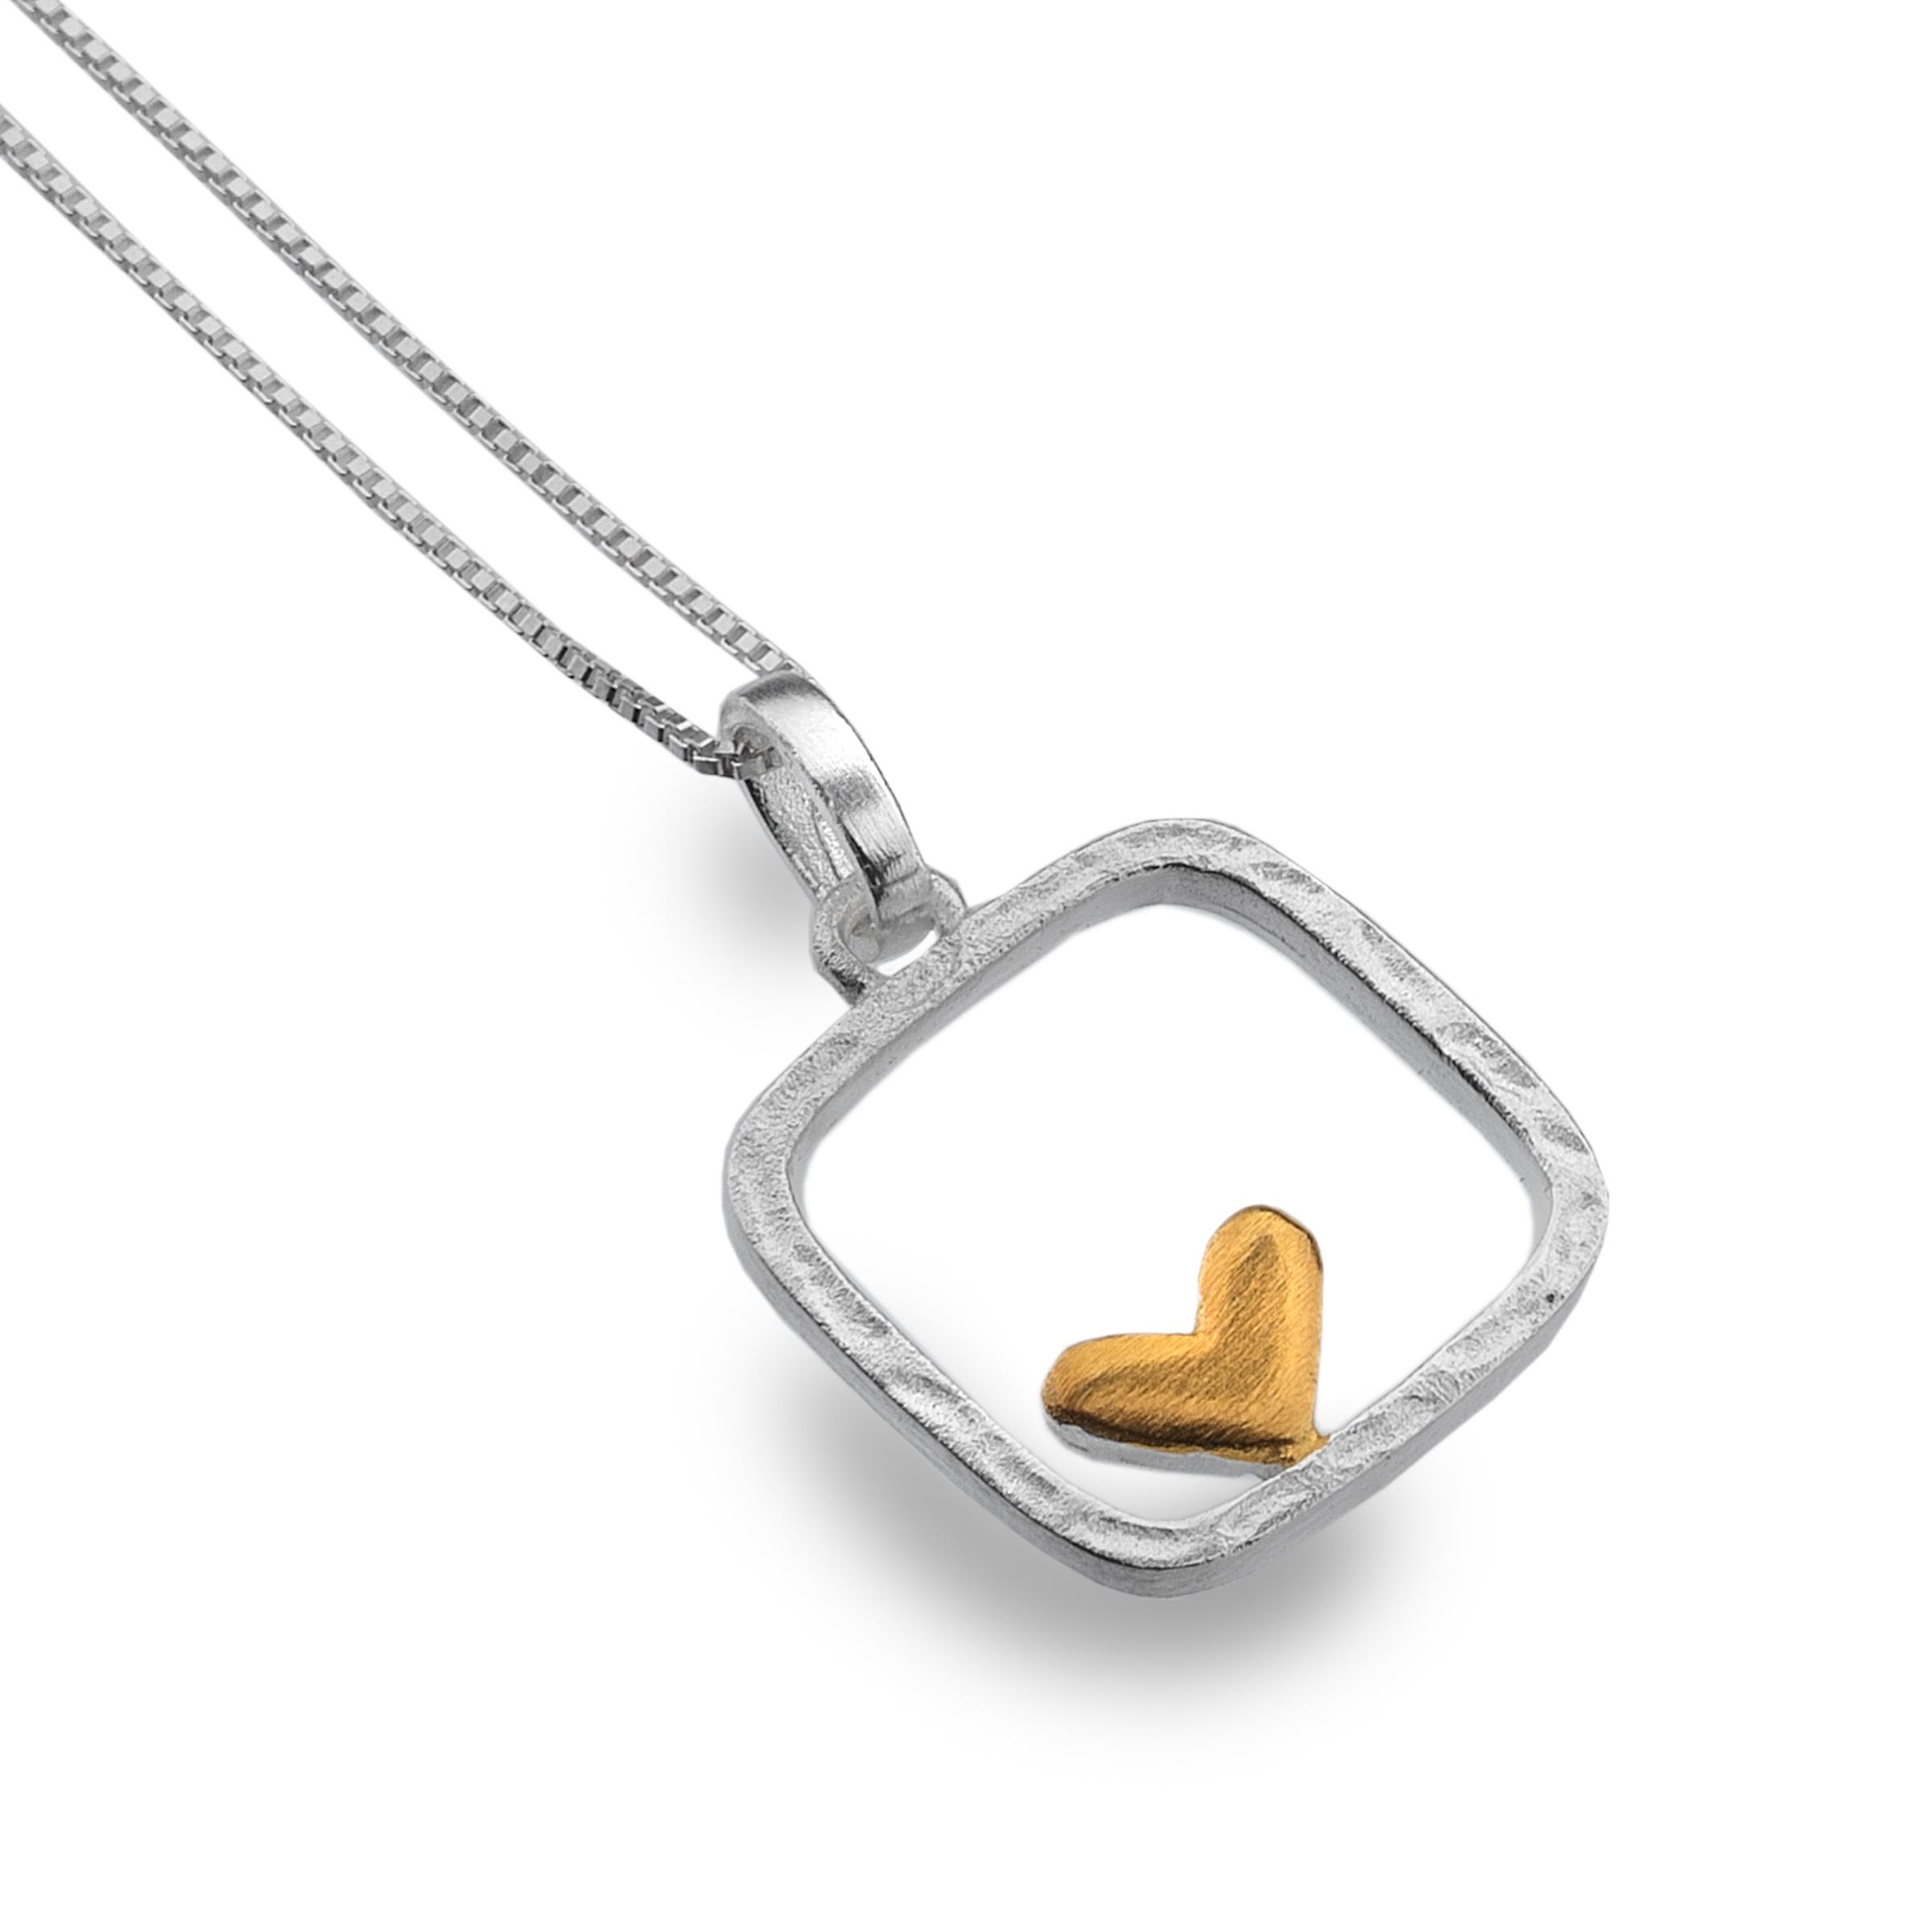 Silver heart framed pendant